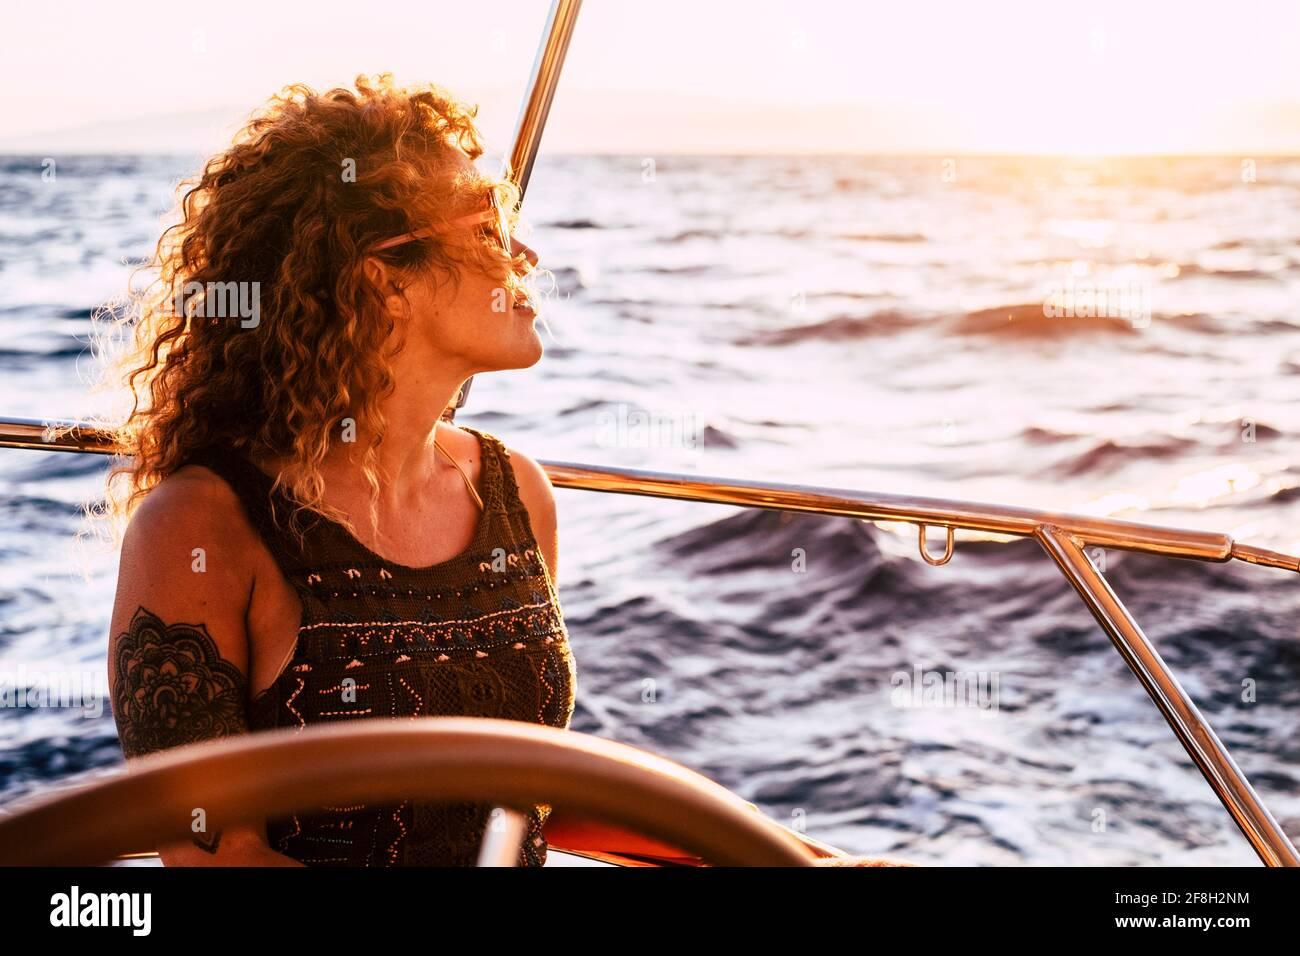 Donna ricca di adulti godersi uno stile di vita di lusso viaggiando su yacht a vela per le vacanze estive - bella donna libertà all'aperto con mare oceano Foto Stock